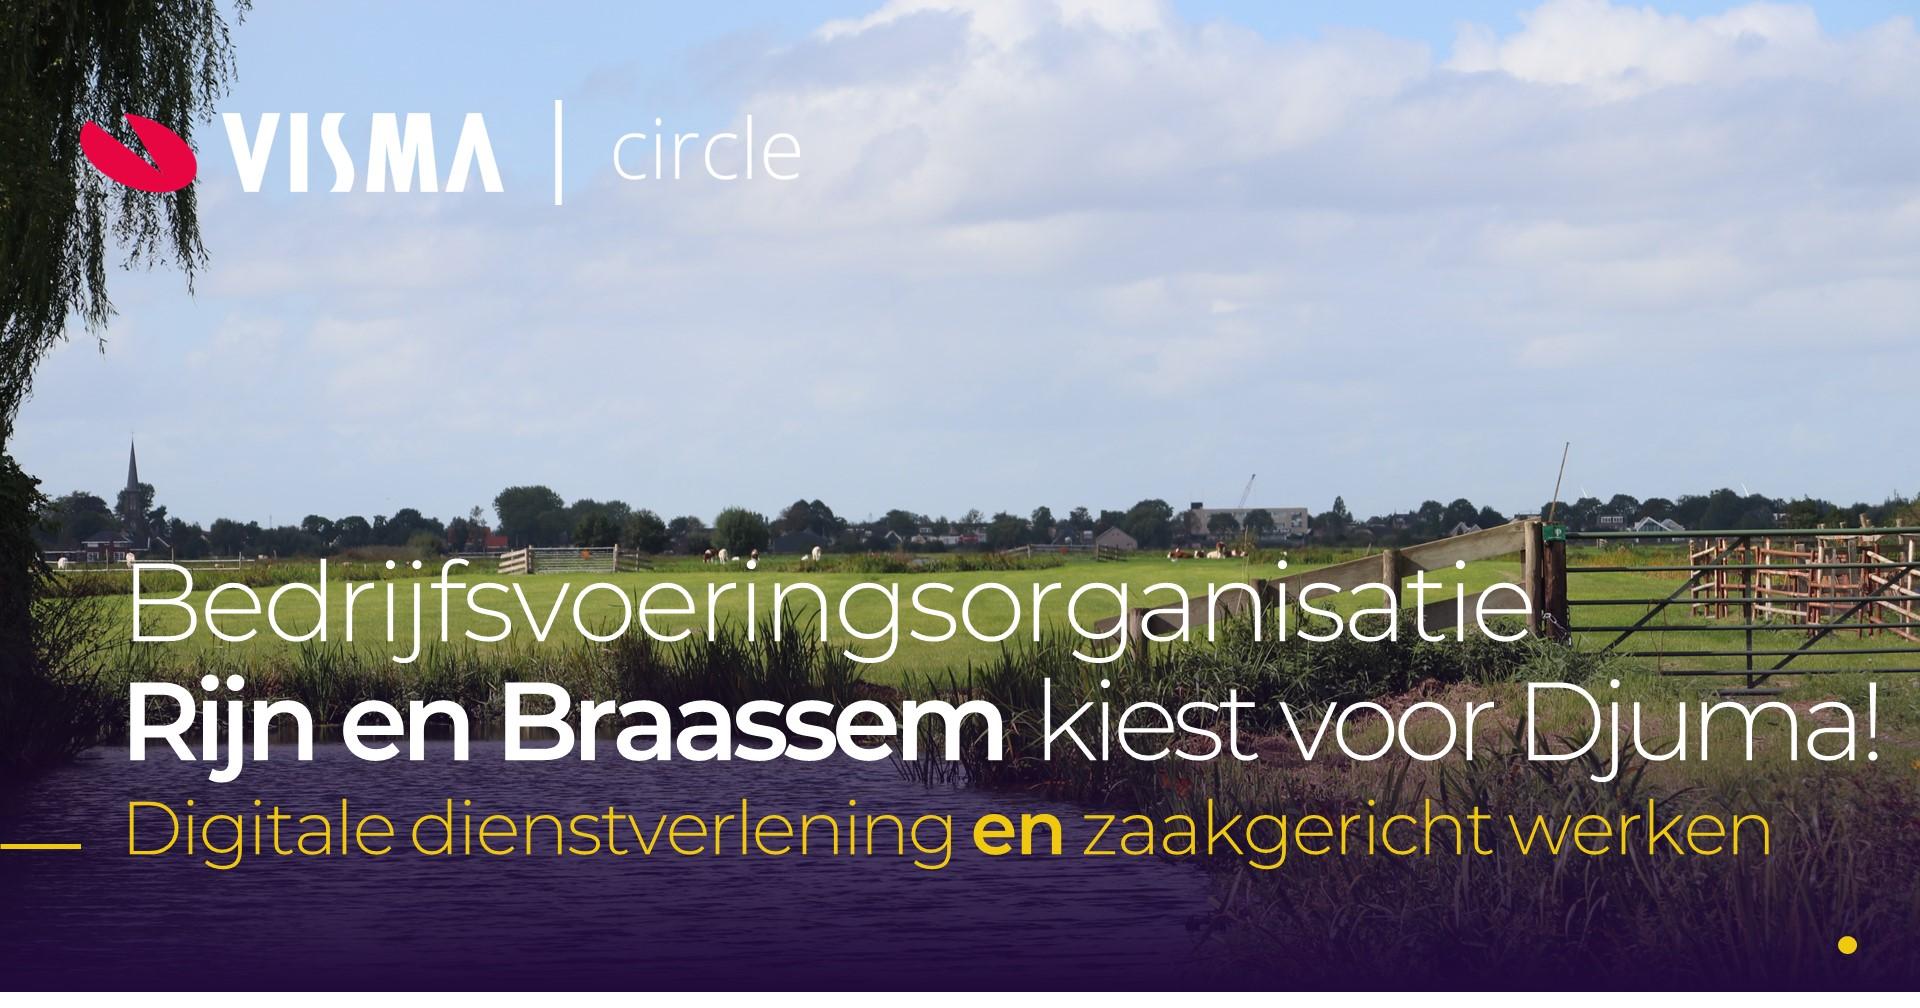 BVO Rijn en Braassem kiest voor Djuma van Visma Circle